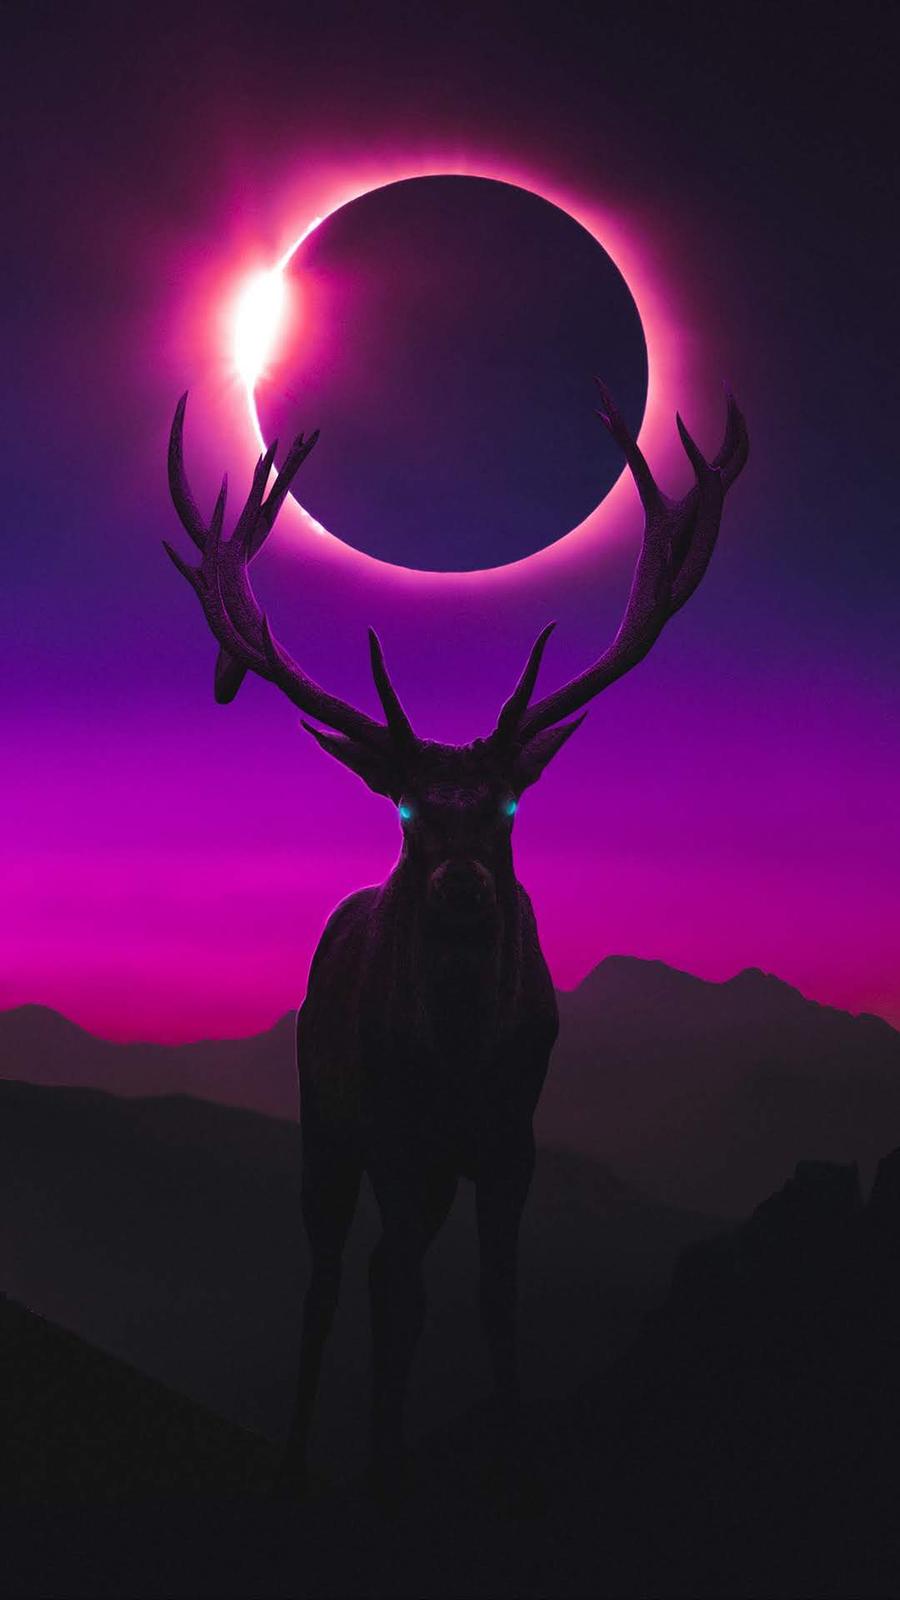 Deer digital art mobile wallpaper